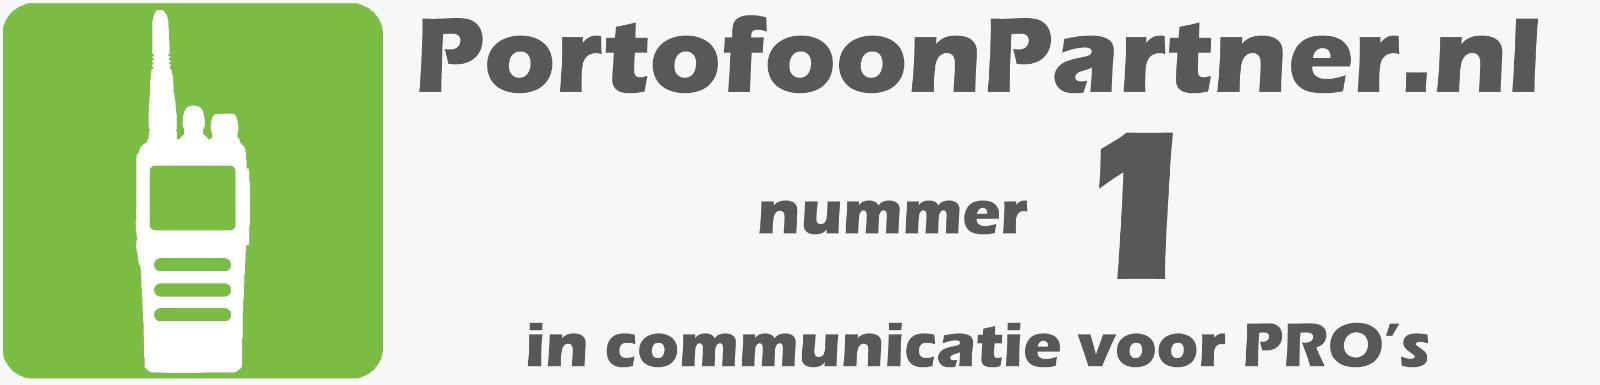 Portofoonpartner.nl - nummer 1 in communicatie voor pro's, helder in service en advies